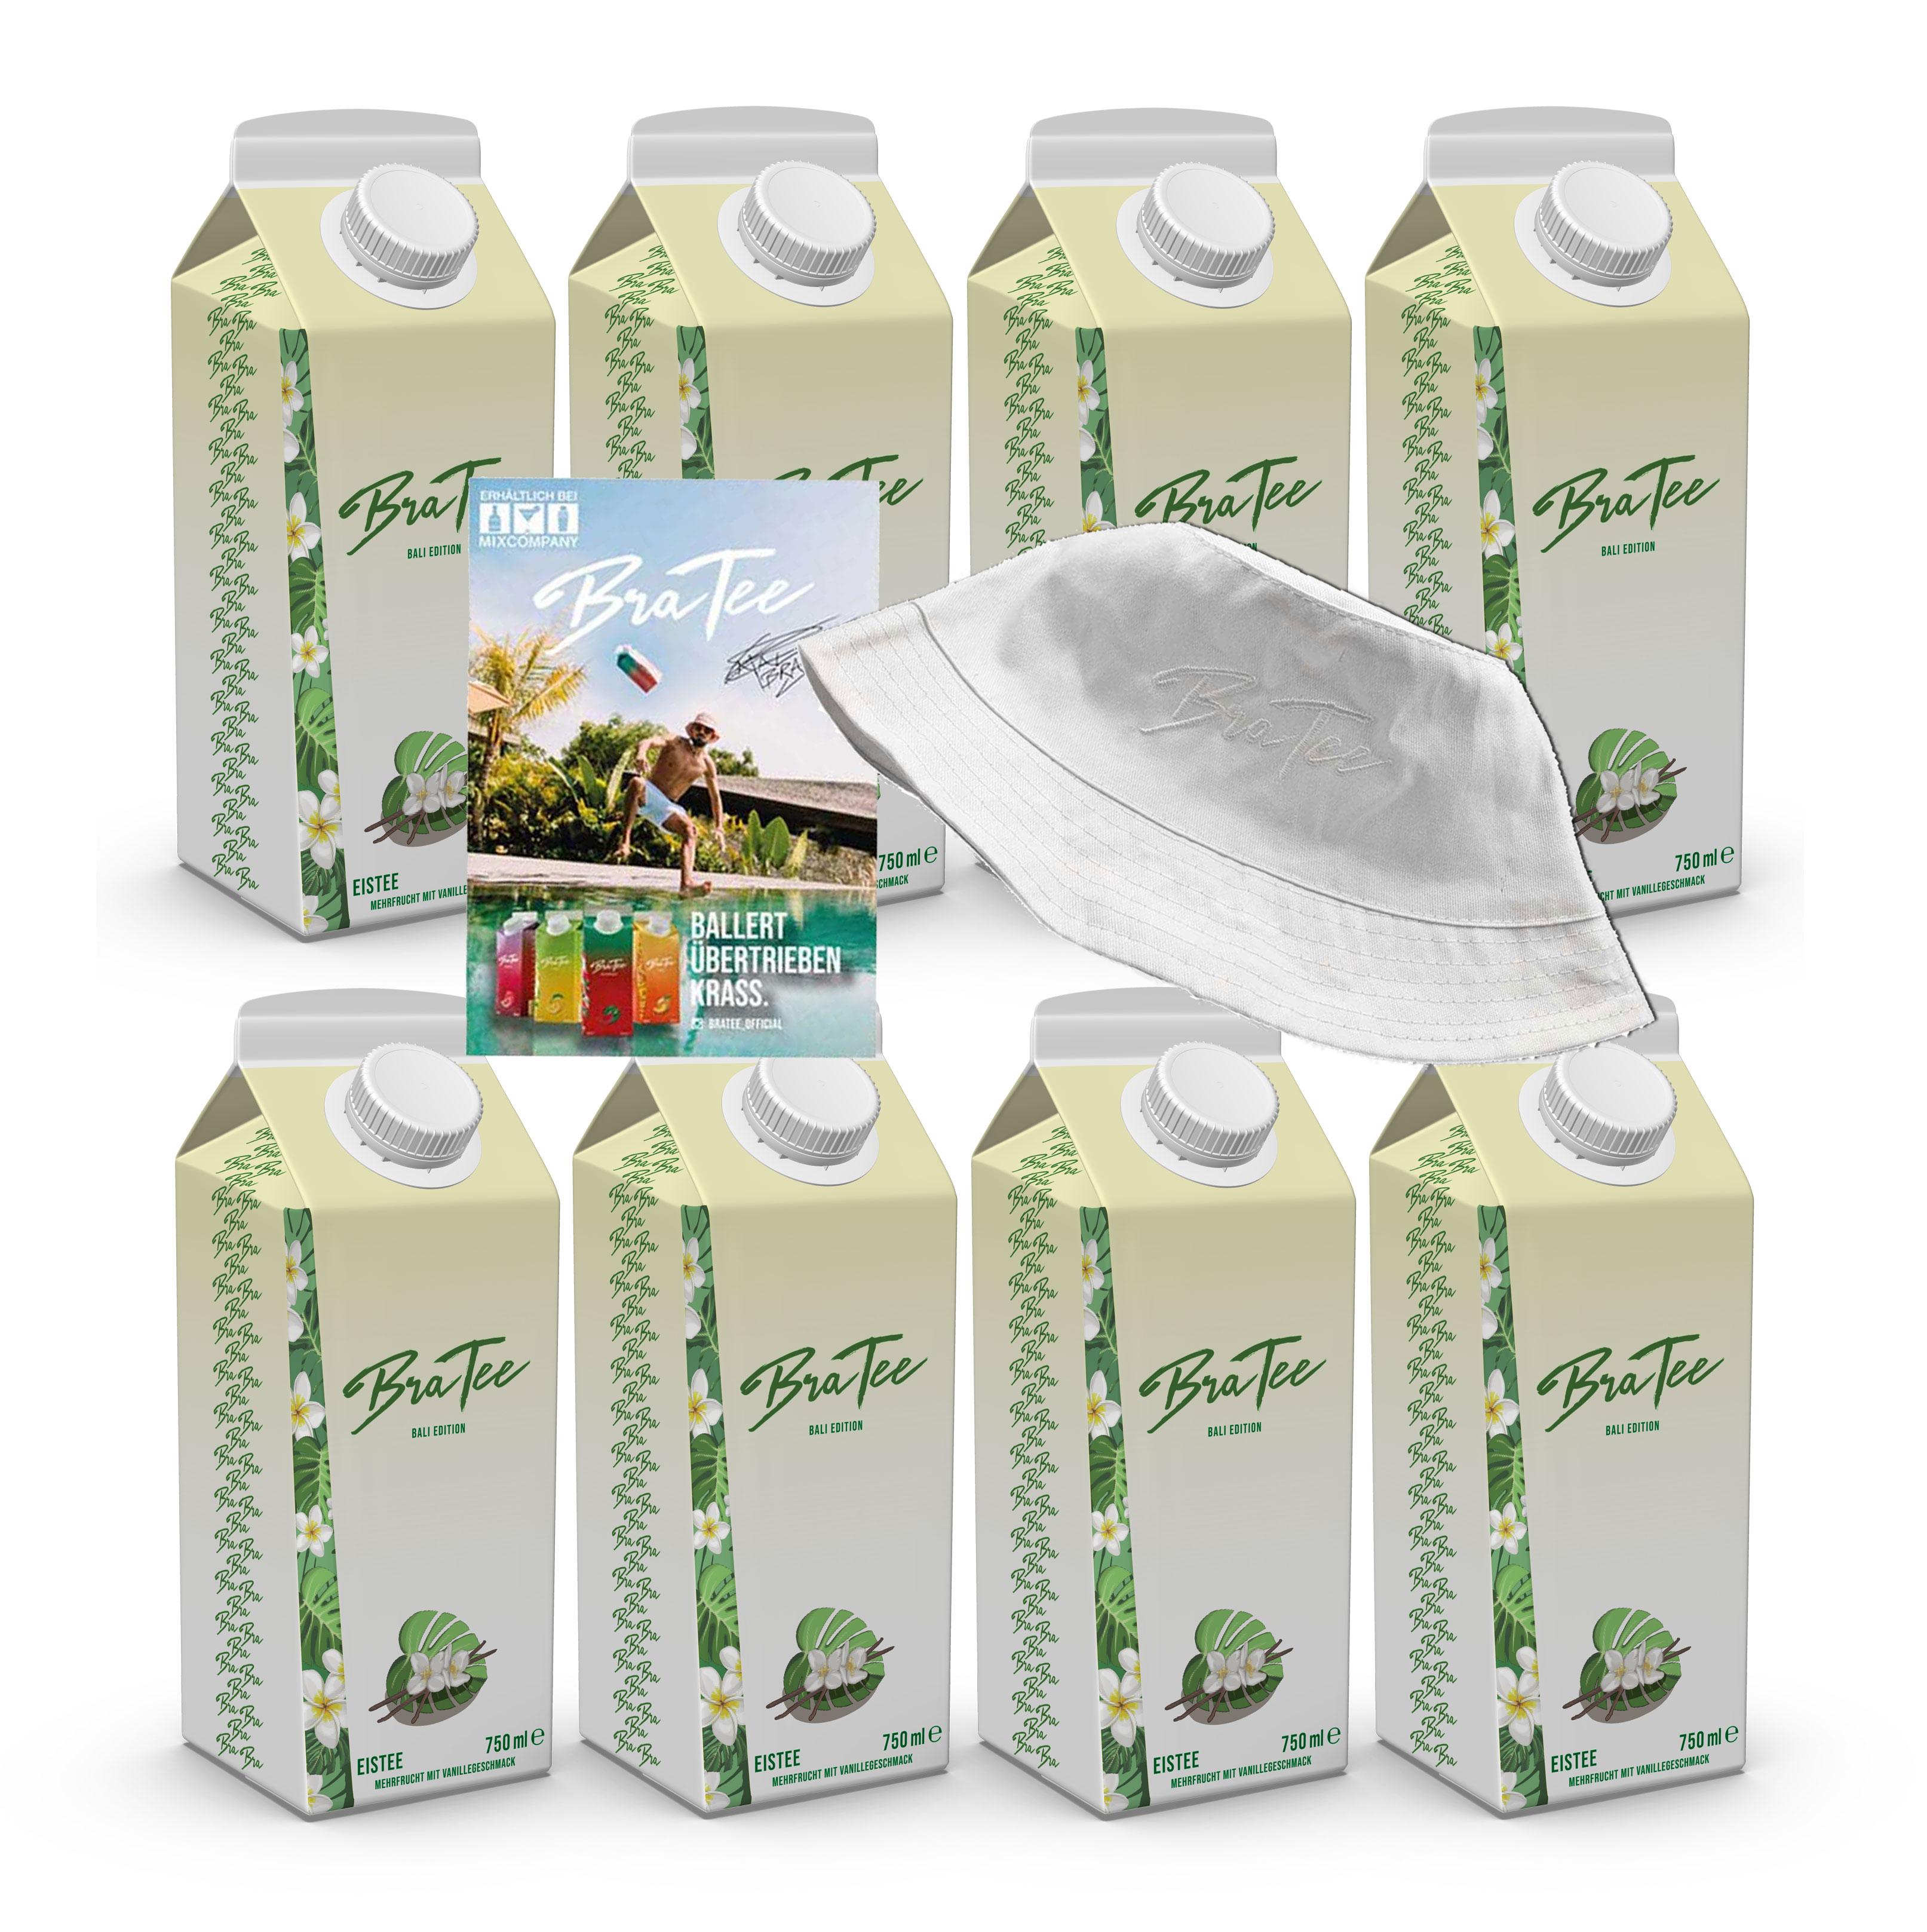 Capital BraTee Bali Edition 8er Set Special Eistee je 750ml + Autogrammkarte und Hut BRATEE Limited Edition Ice tea Mehrfrucht mit Vanillegeschmack mit Capi-Qualitäts-Siegel - Du weisst Bescheid